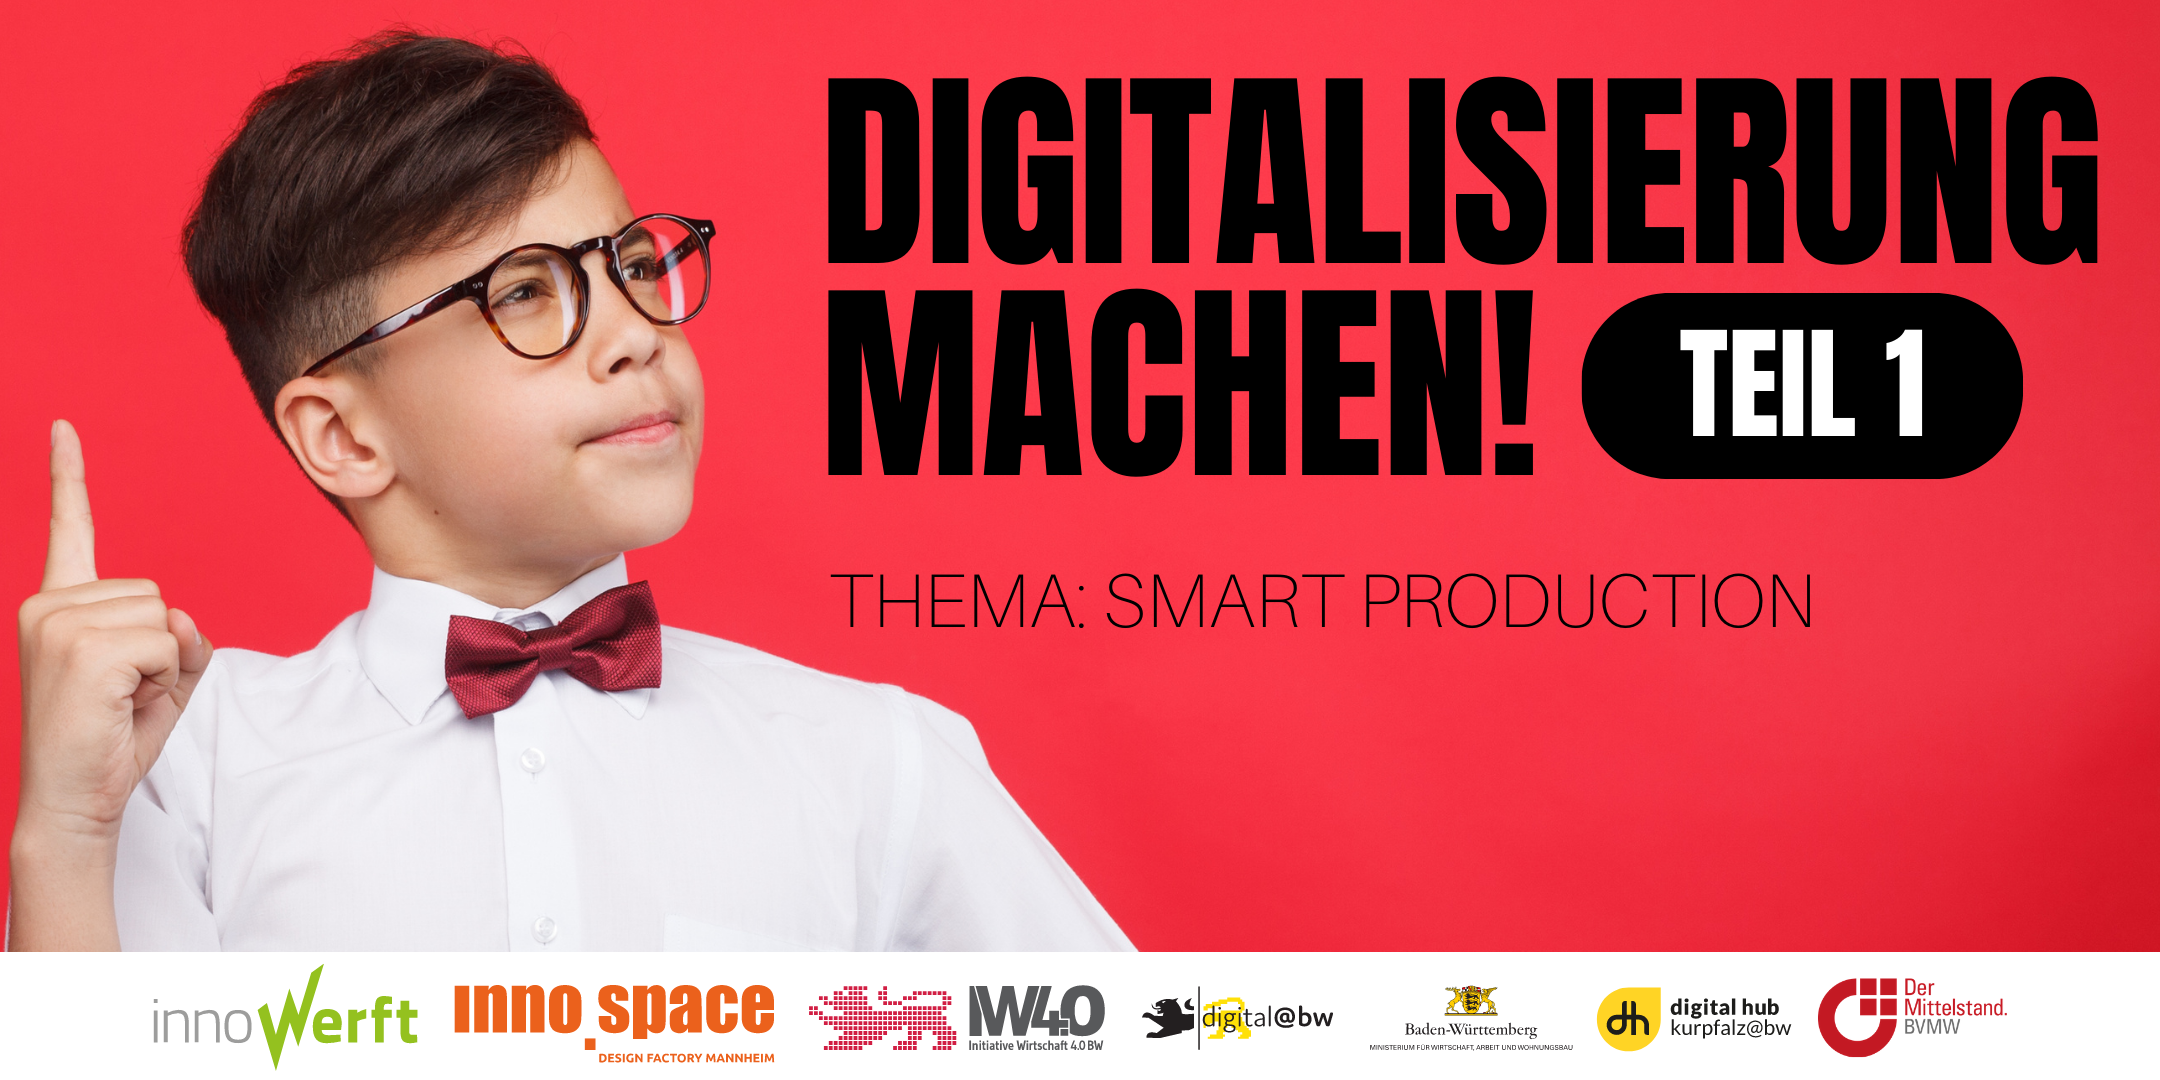 digitalisierung-machen-wertschöpfung-durch-digitalisierung-für-industrieproduktion